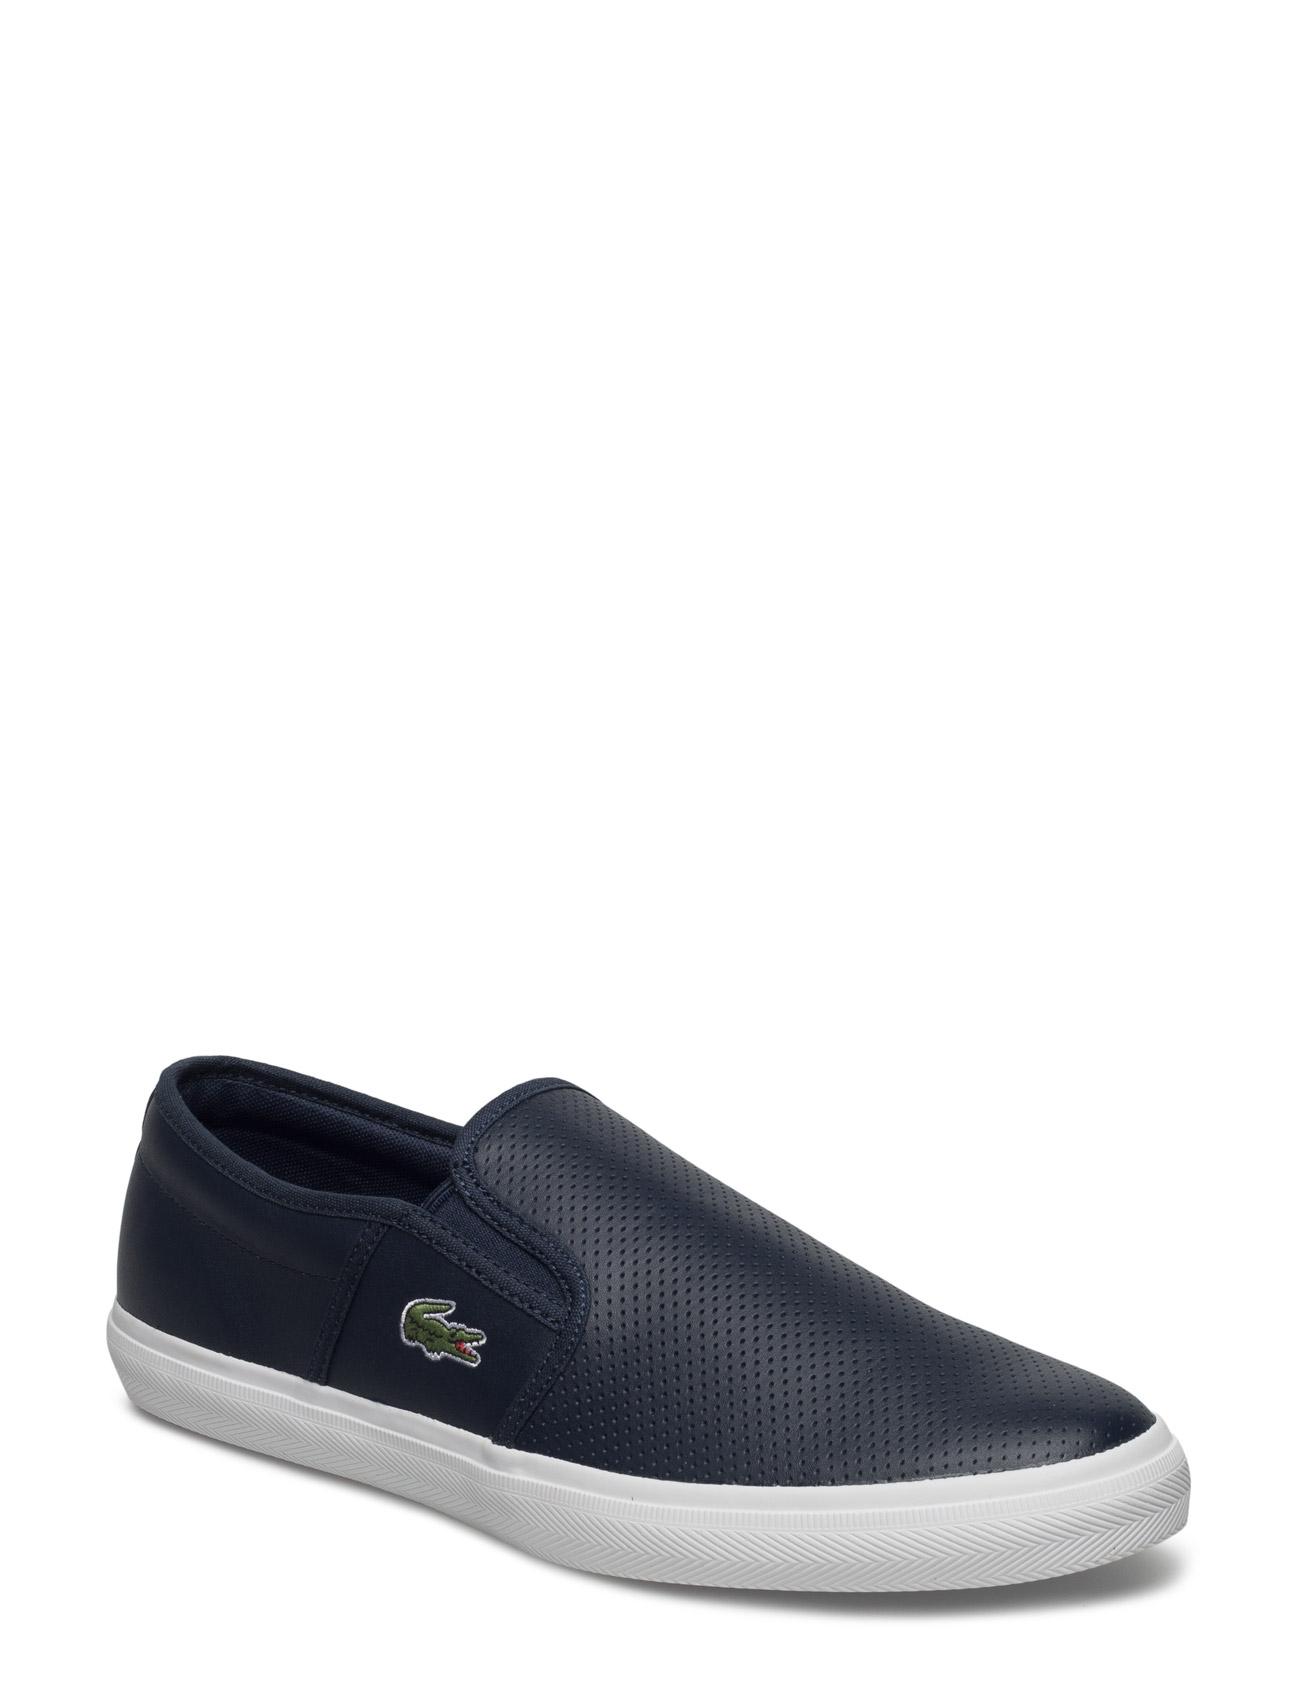 lacoste shoes – Gazon bl 1 fra boozt.com dk